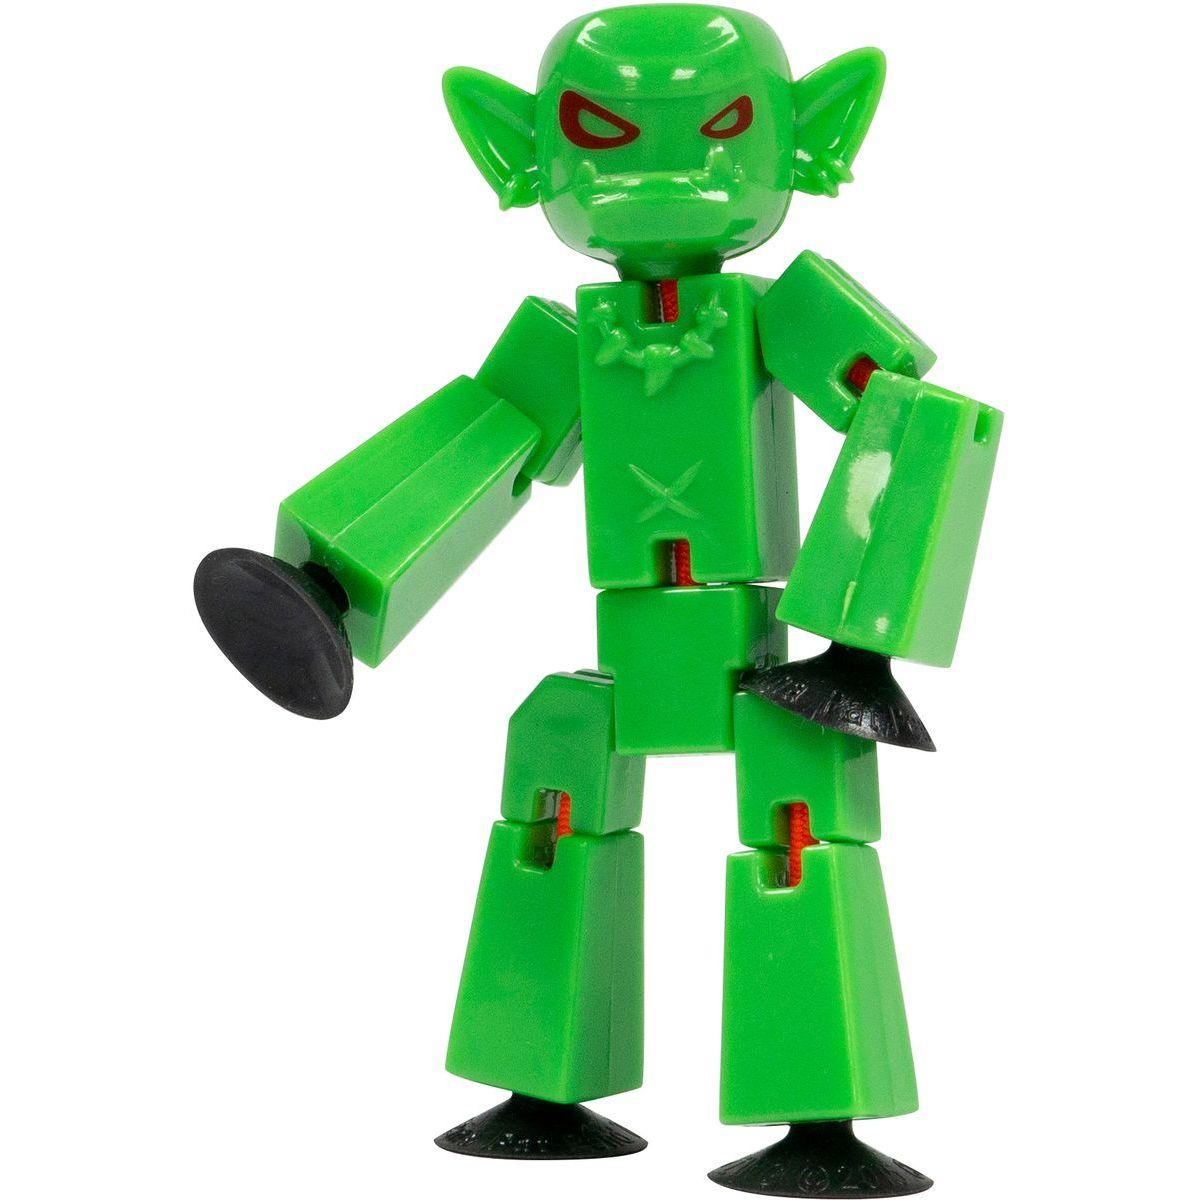 Stikbot Monsters Goblin